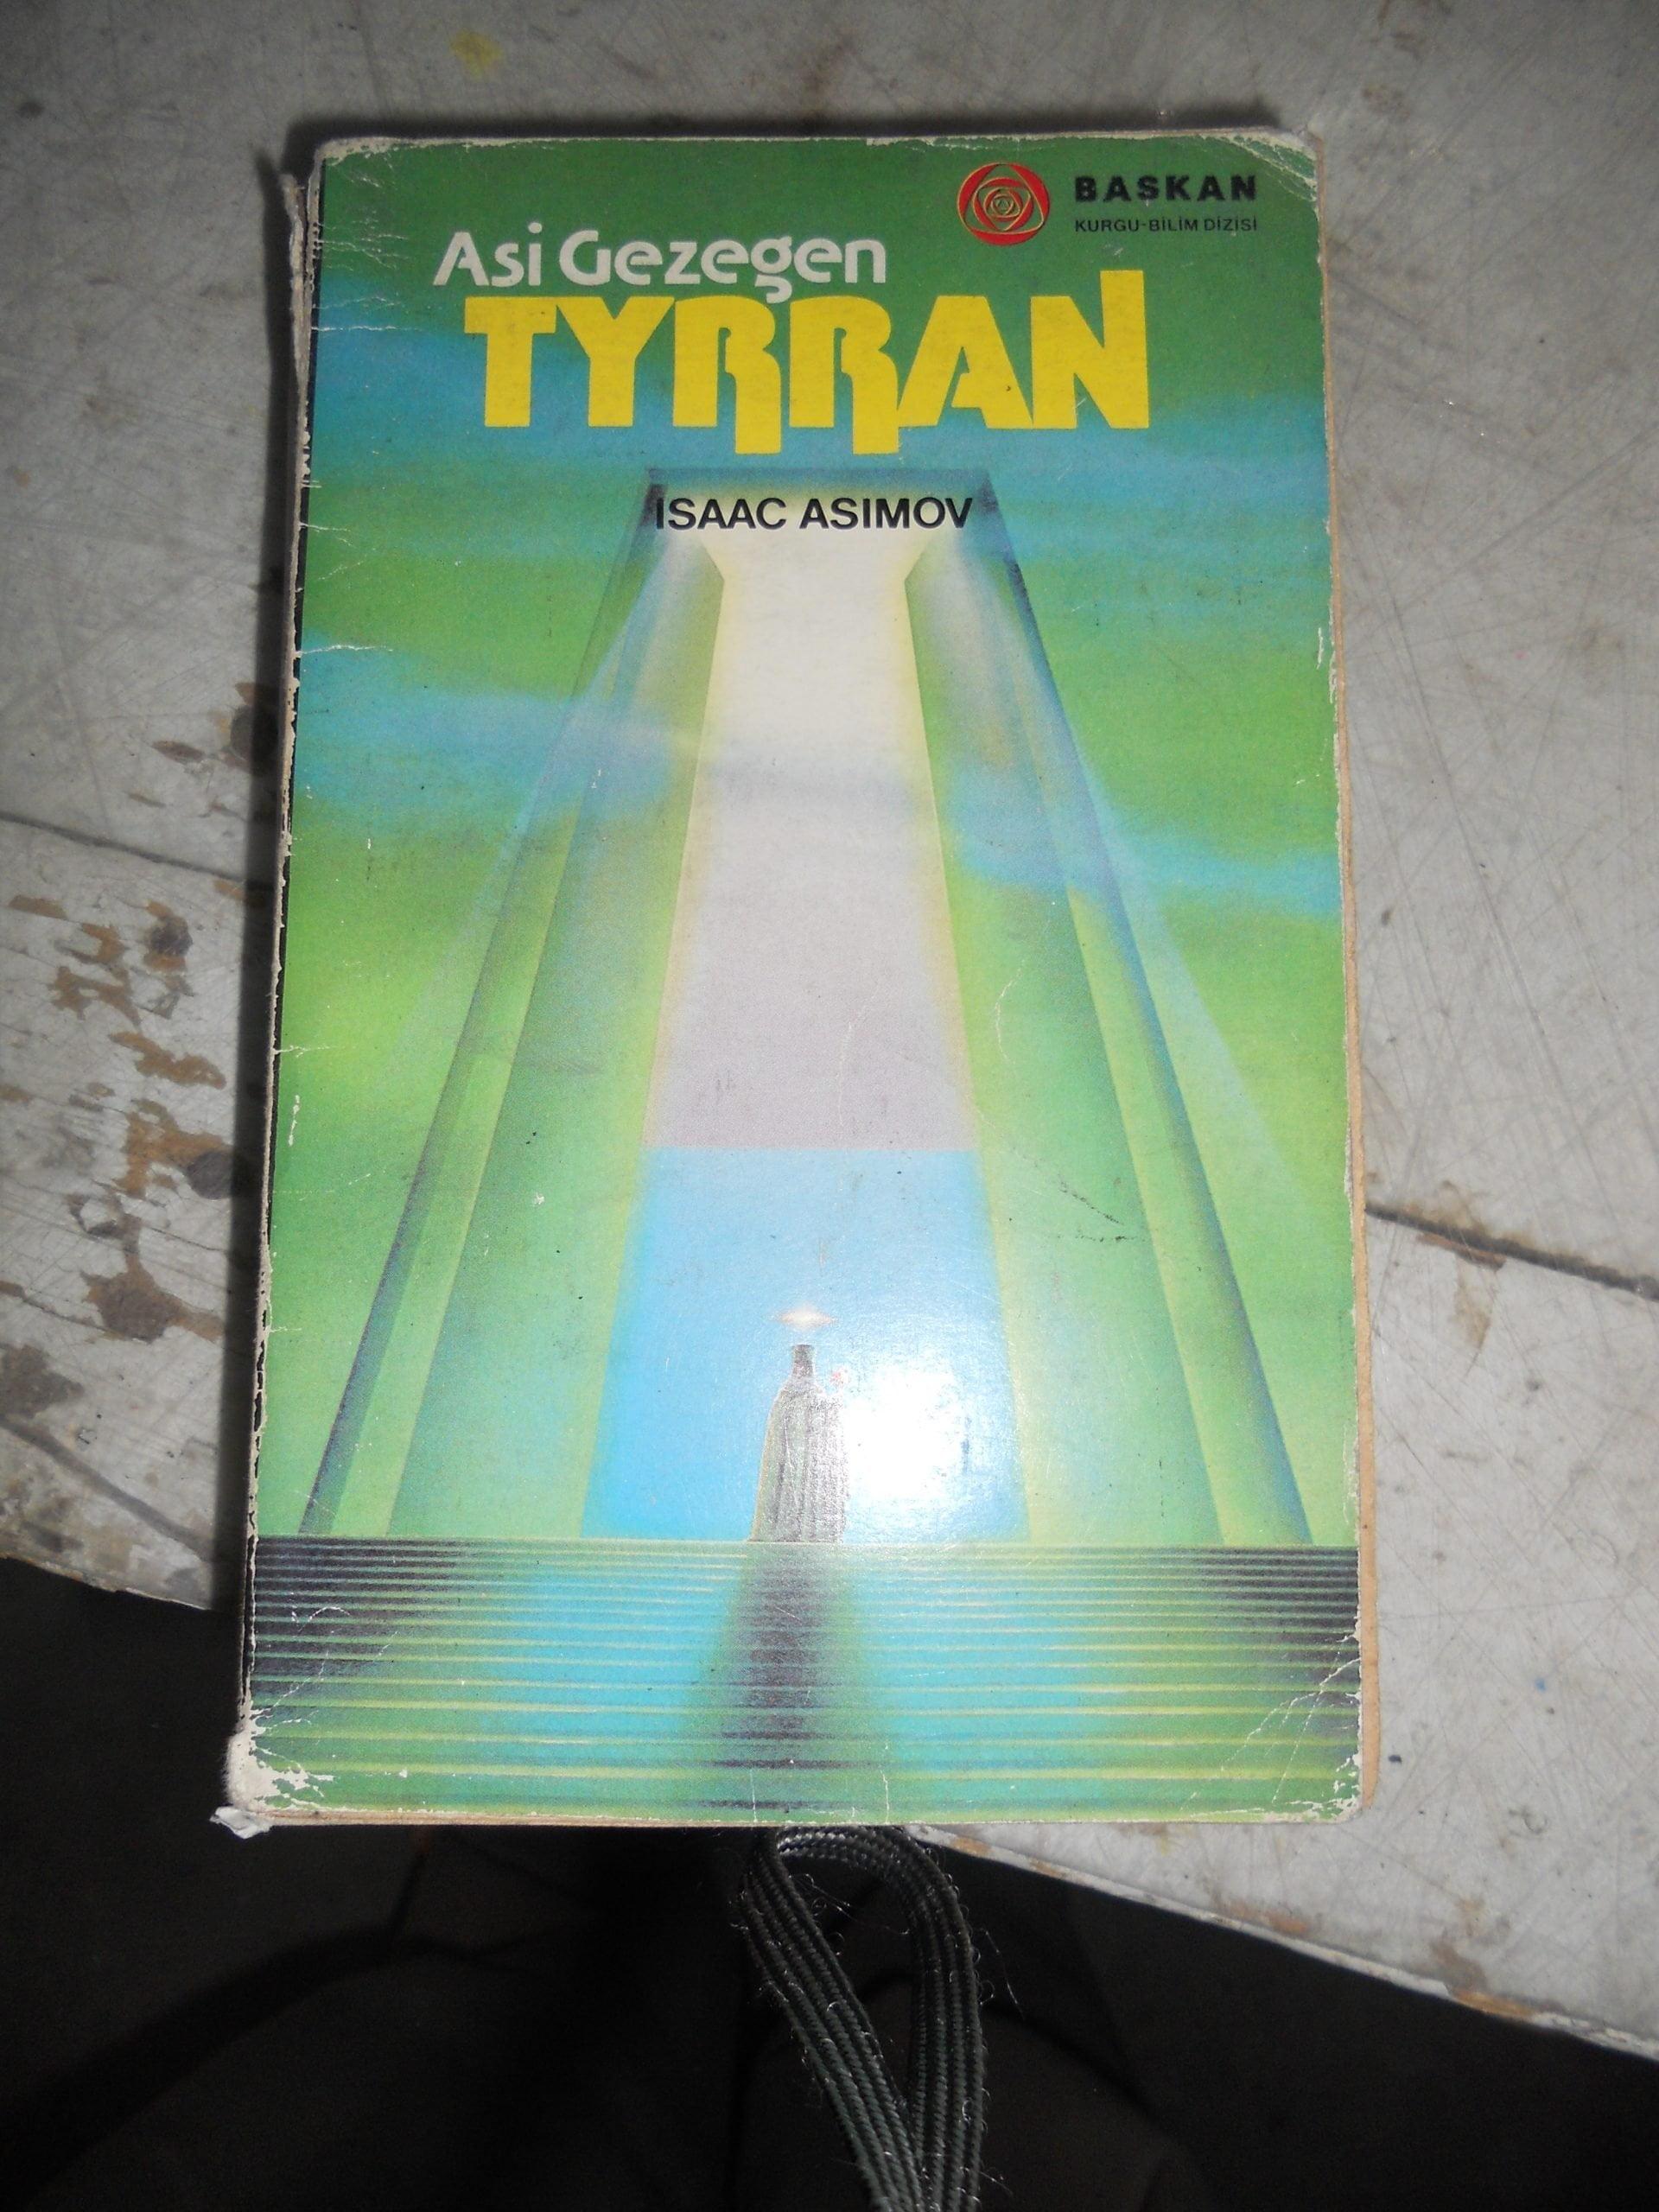 Asi gezegen TYRRAN/Isaac ASIMOV/7,5 TL